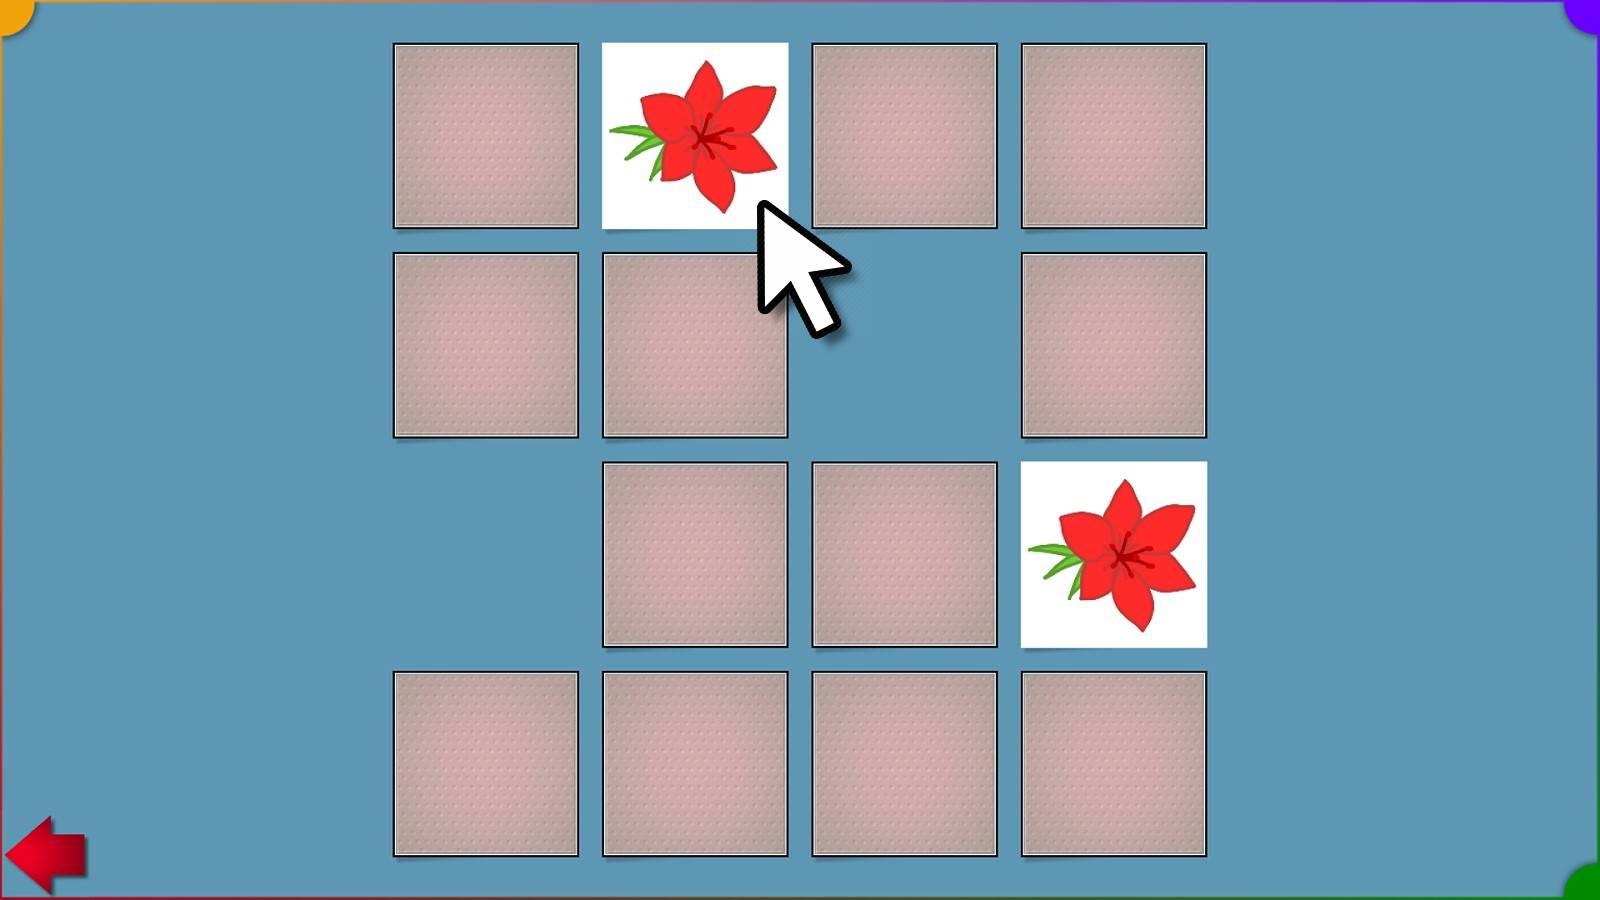 Memospiel mit verschiedenen Kartensets (einstellbar von 2x2 bis 6x6 Teilen)